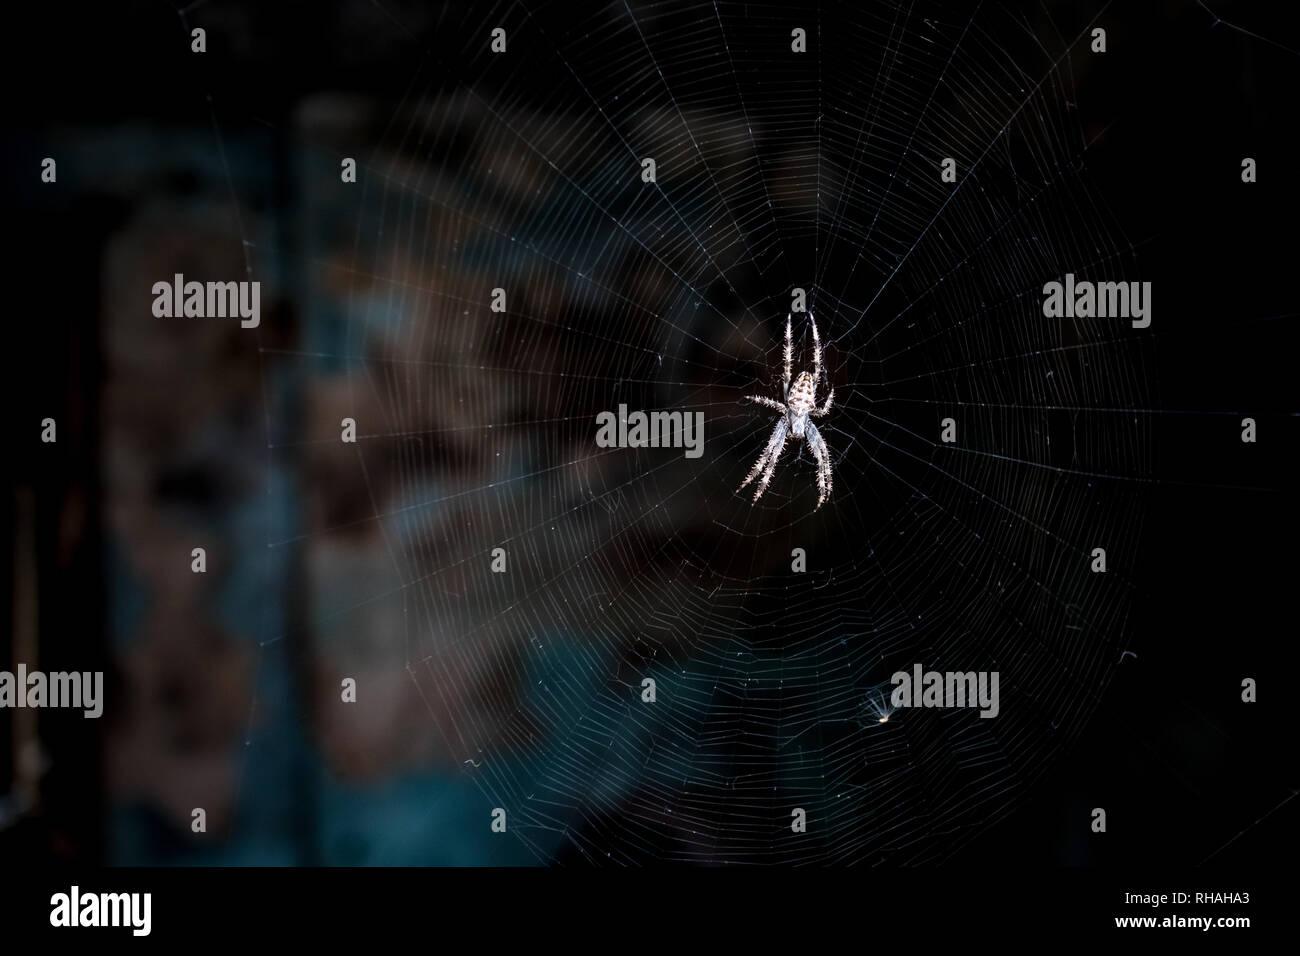 Nahaufnahme eines riesigen Spinne Muster für seine Beute auf die perfekte Threads der Net warten. Dunkle Moody grunge de-fokussierte Hintergrund. Tote Fliege o Stockbild